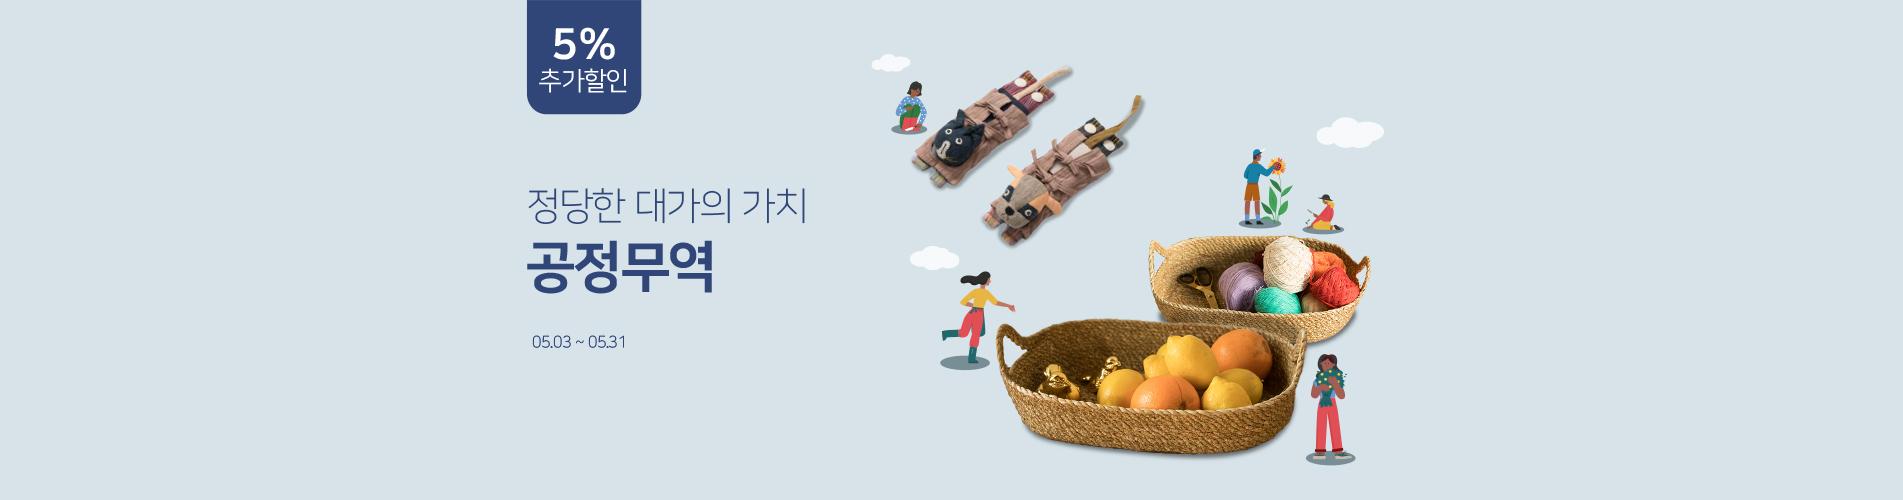 타이틀배너-공정무역 기획전